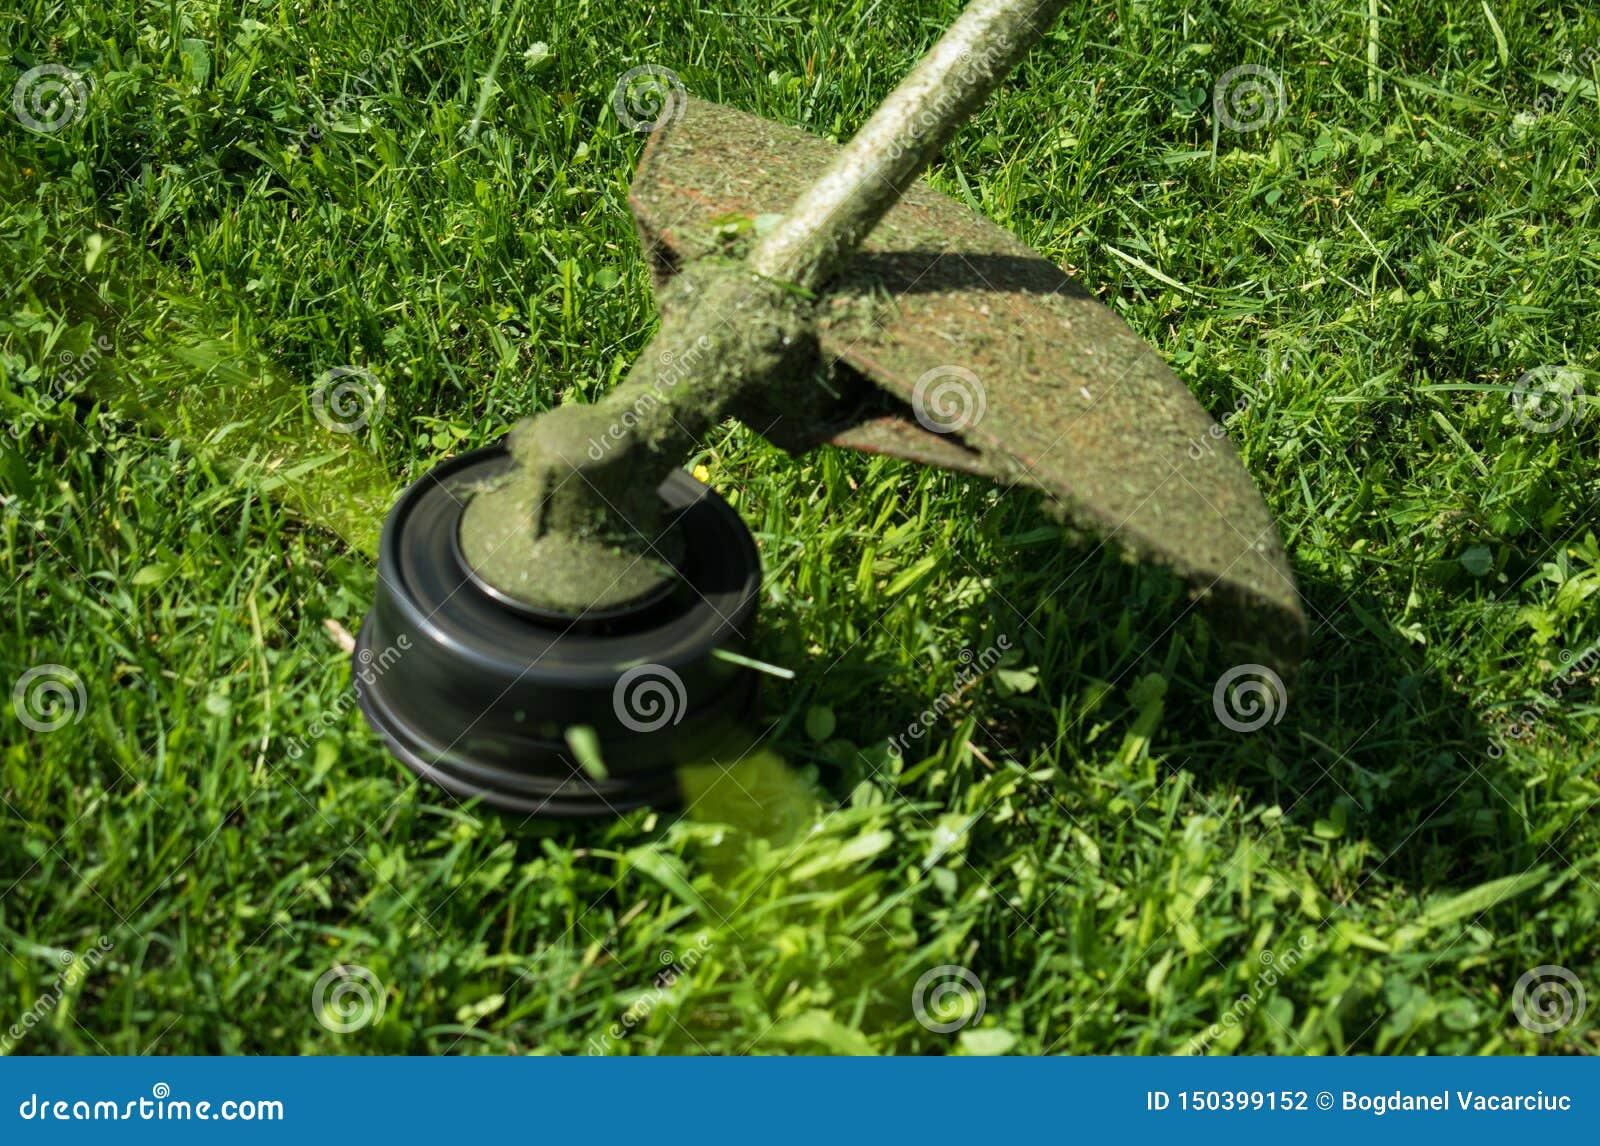 切开有机械刈草机的草坪